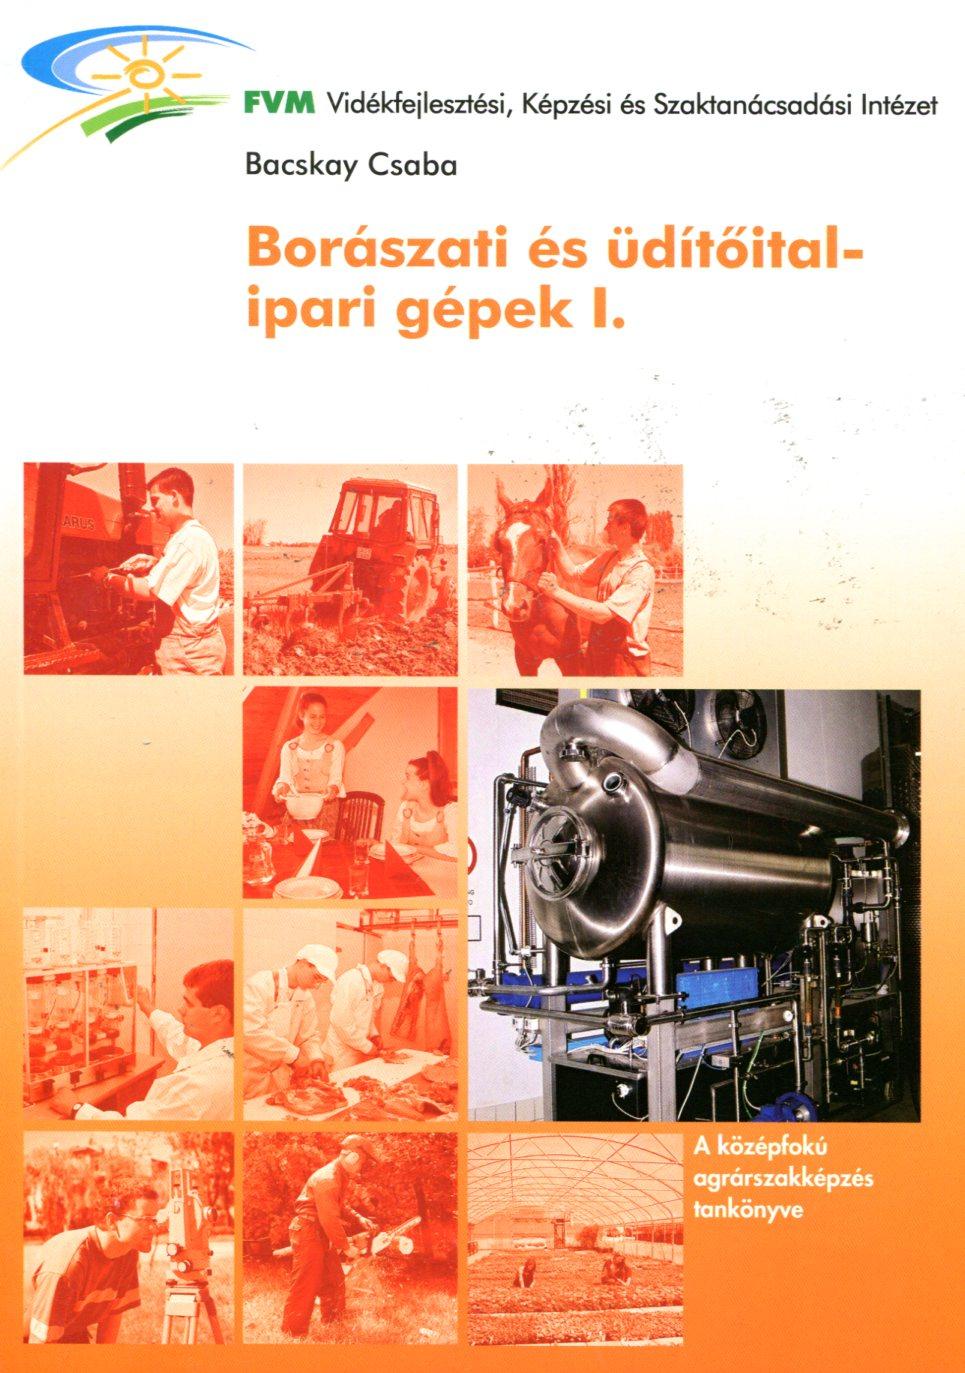 Borászati és üdítőital-ipari gépek I.